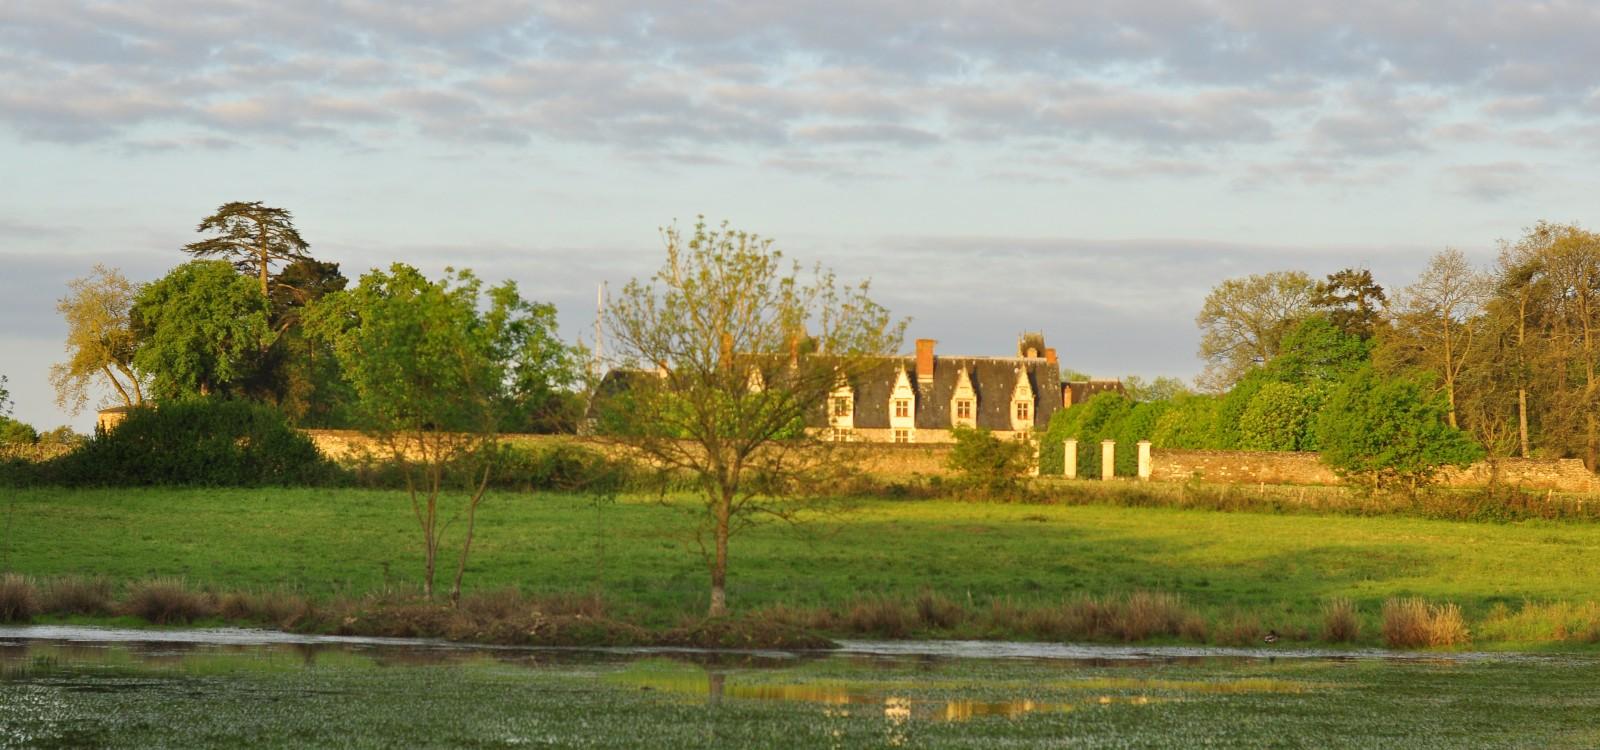 château vue du marais de goulaine - Thomas Marlot